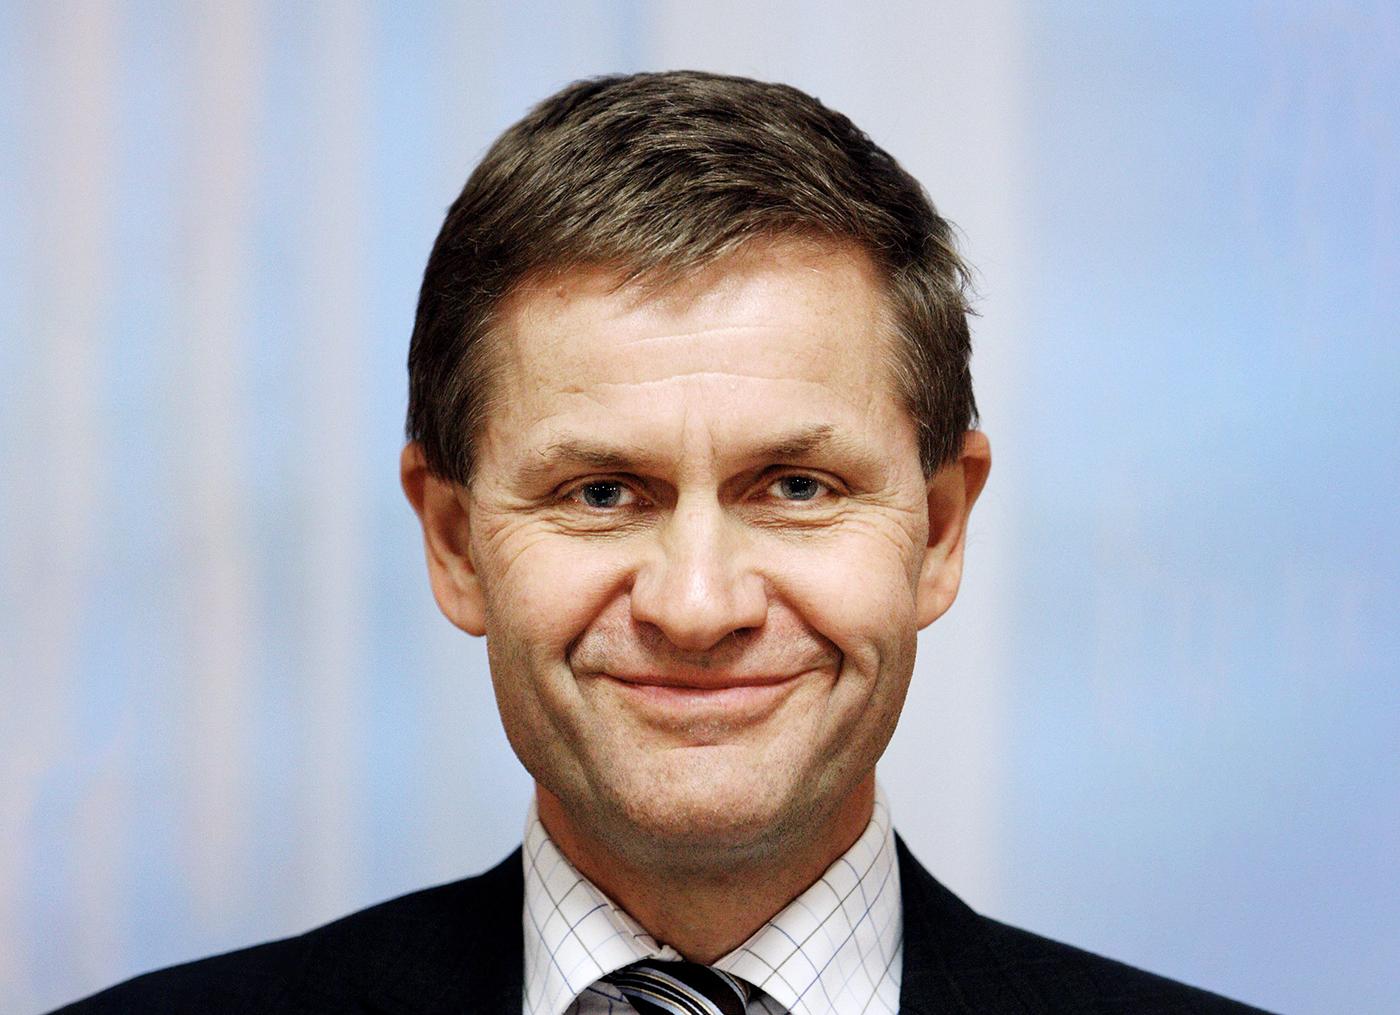 Mr. Erik Solheim. Photo: Nordic Council